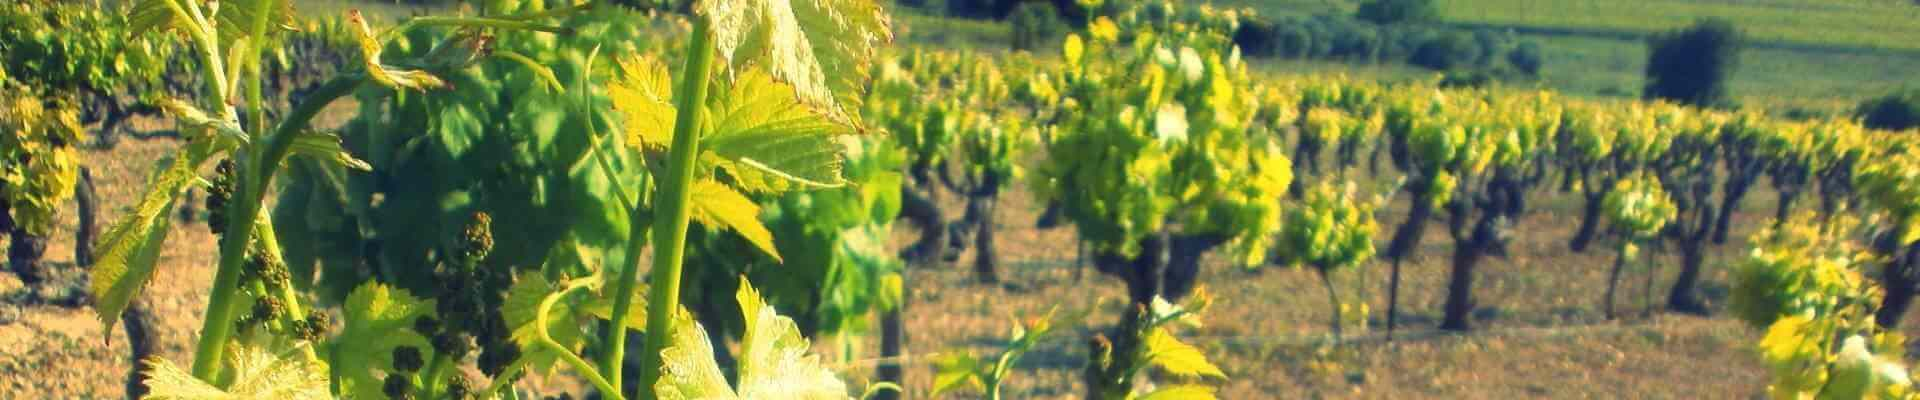 Spécialiste de plants de vignes